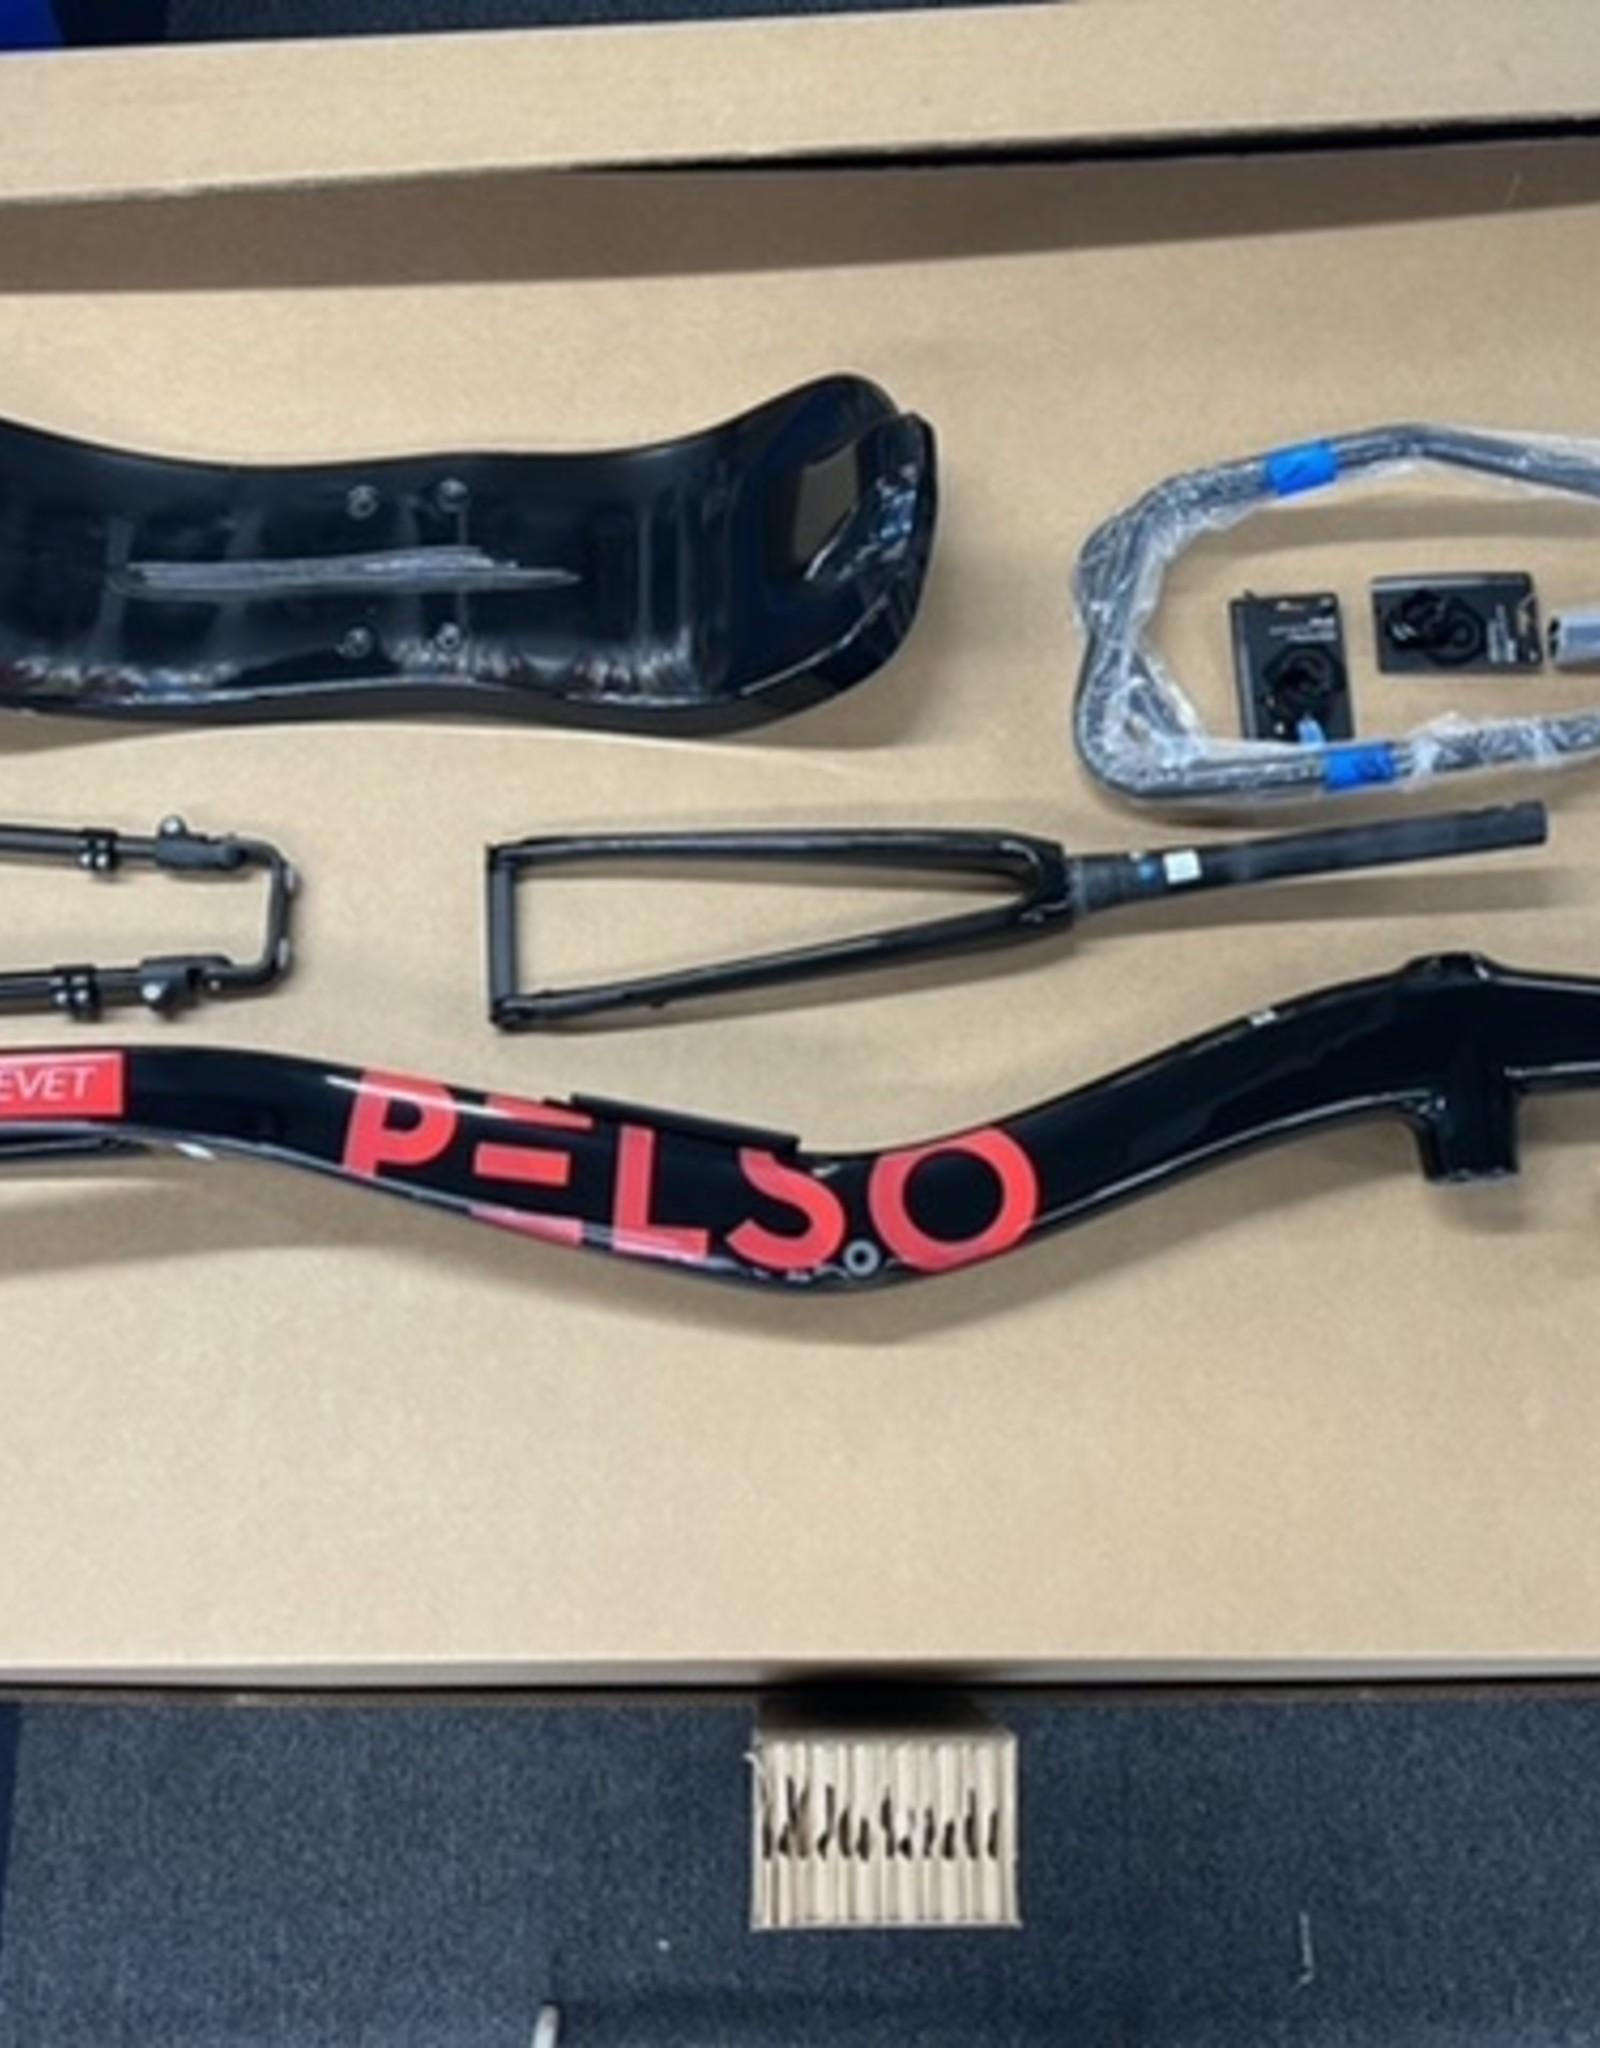 Pelso Brevet Frameset with seat and J-bars